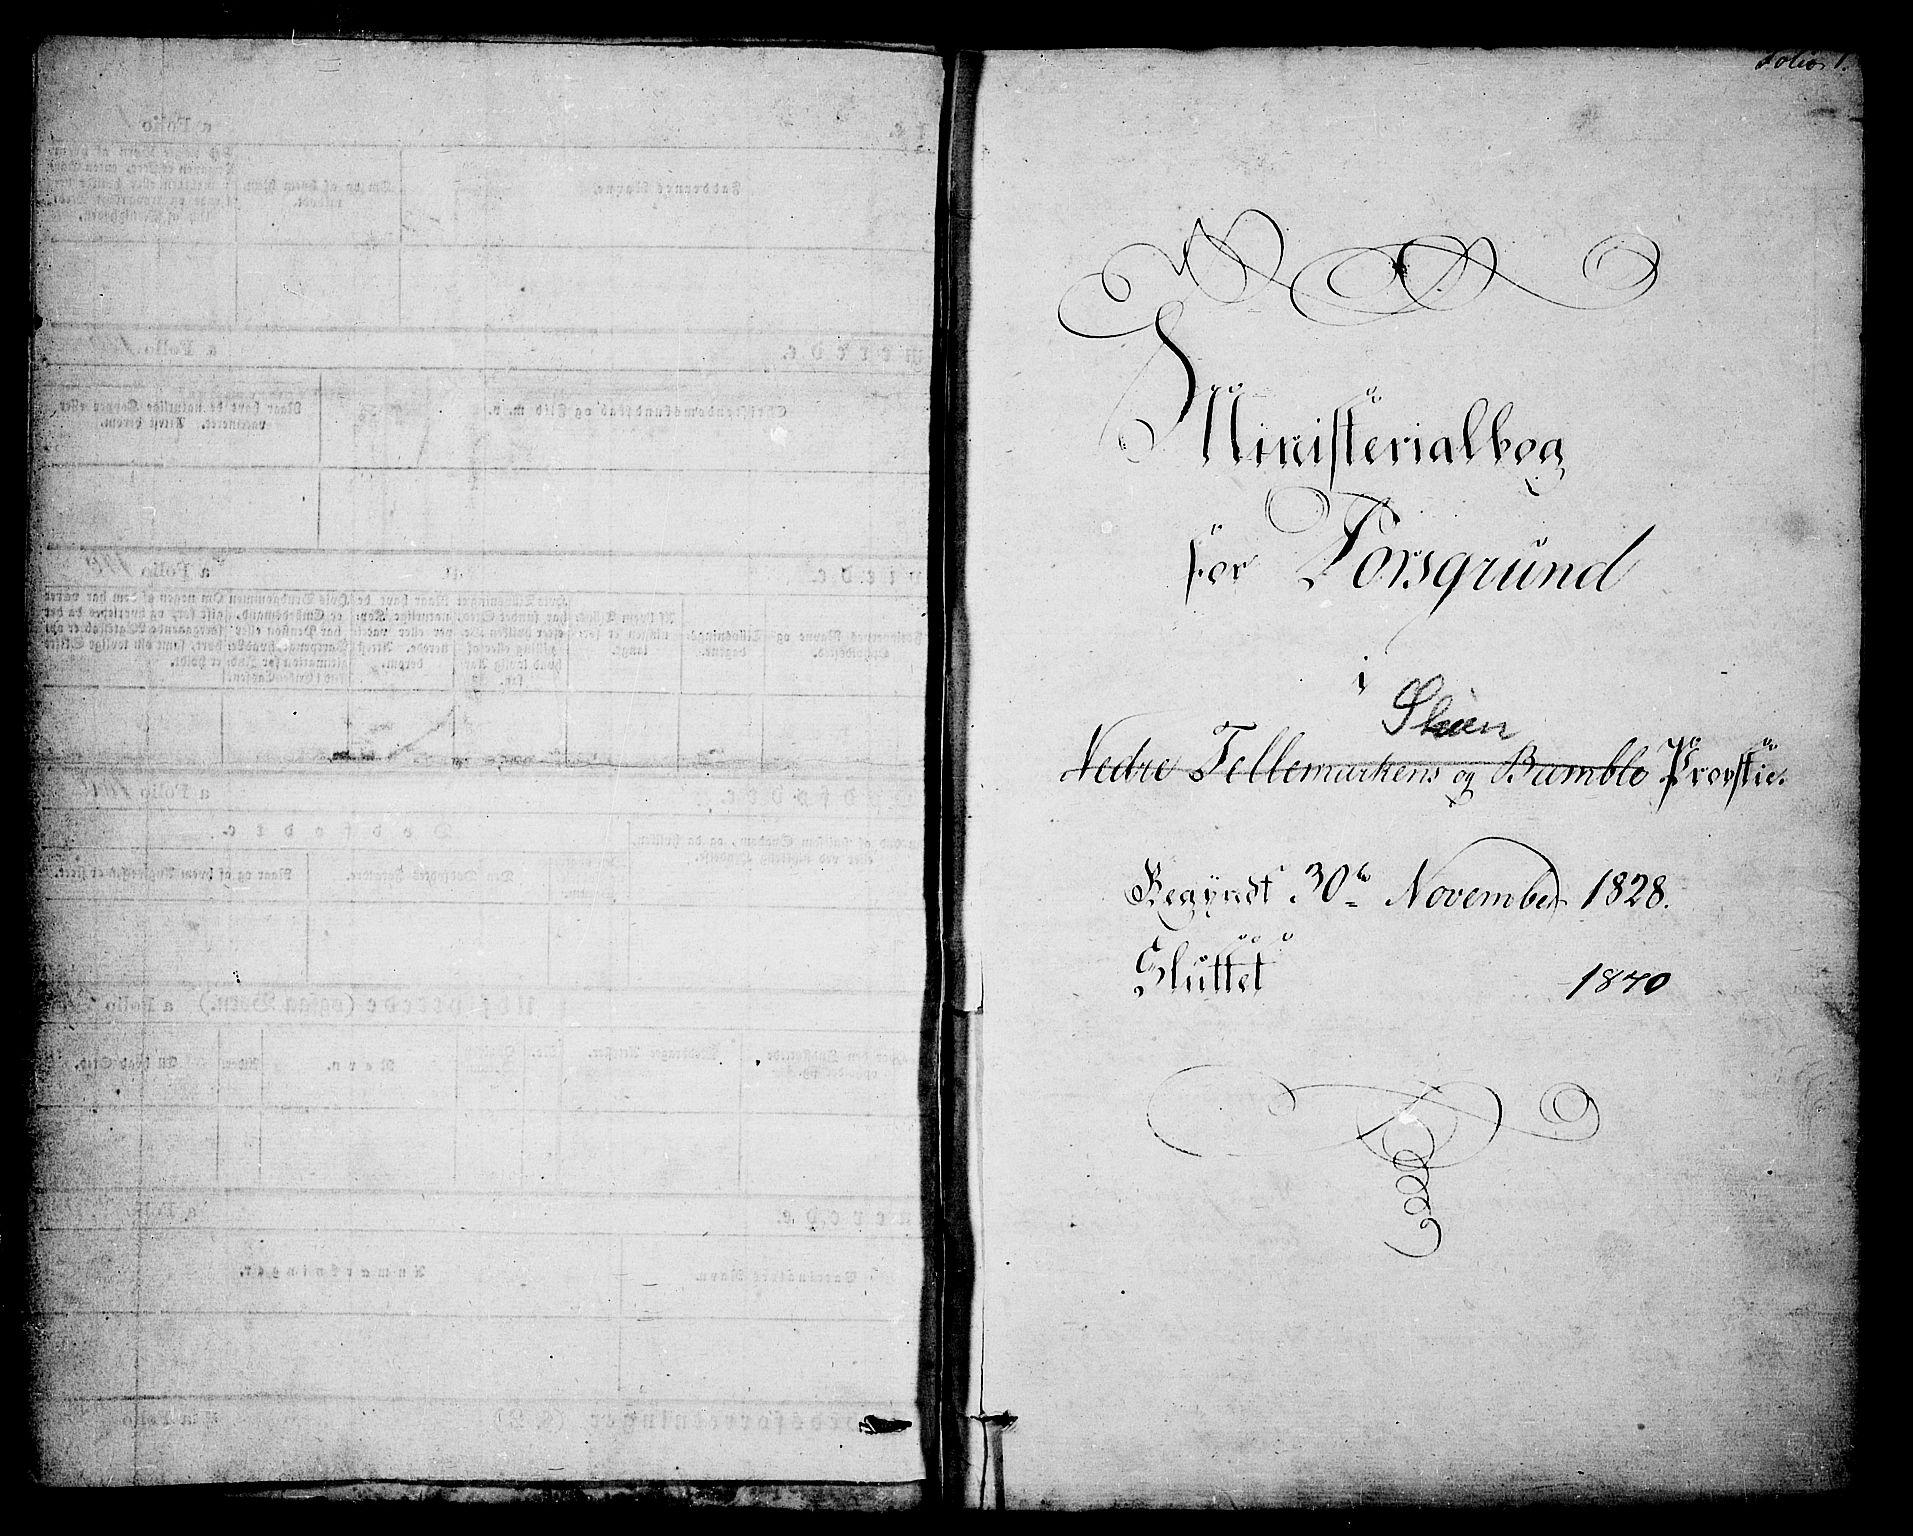 SAKO, Porsgrunn kirkebøker , F/Fa/L0005: Ministerialbok nr. 5, 1828-1840, s. 1